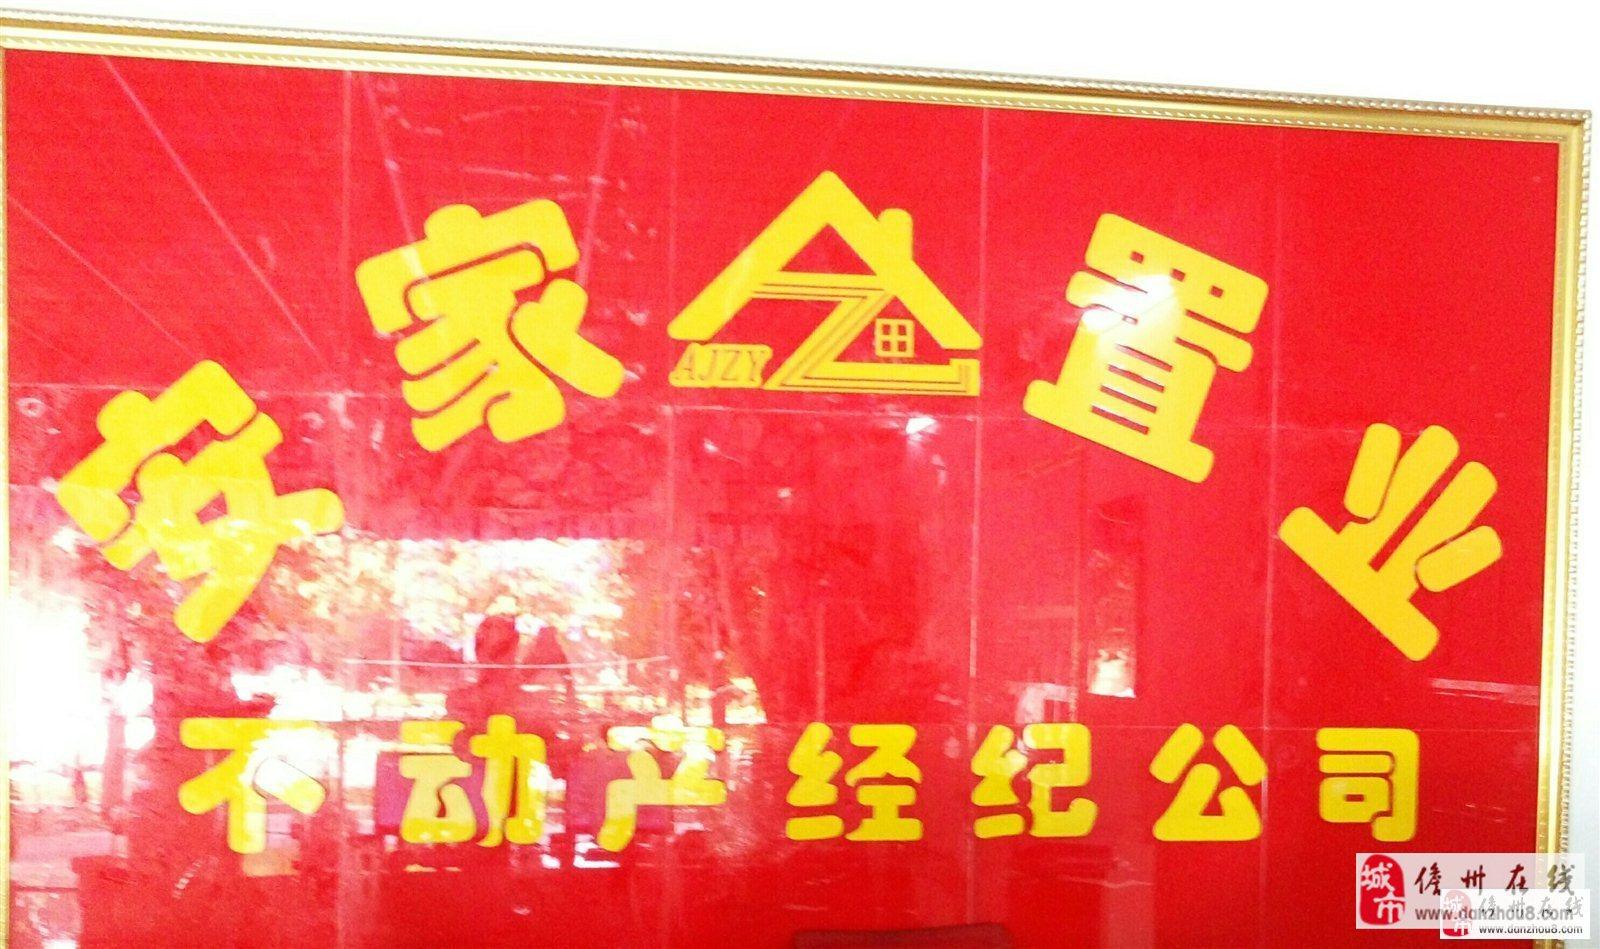 昌隆小区8X15米118万元